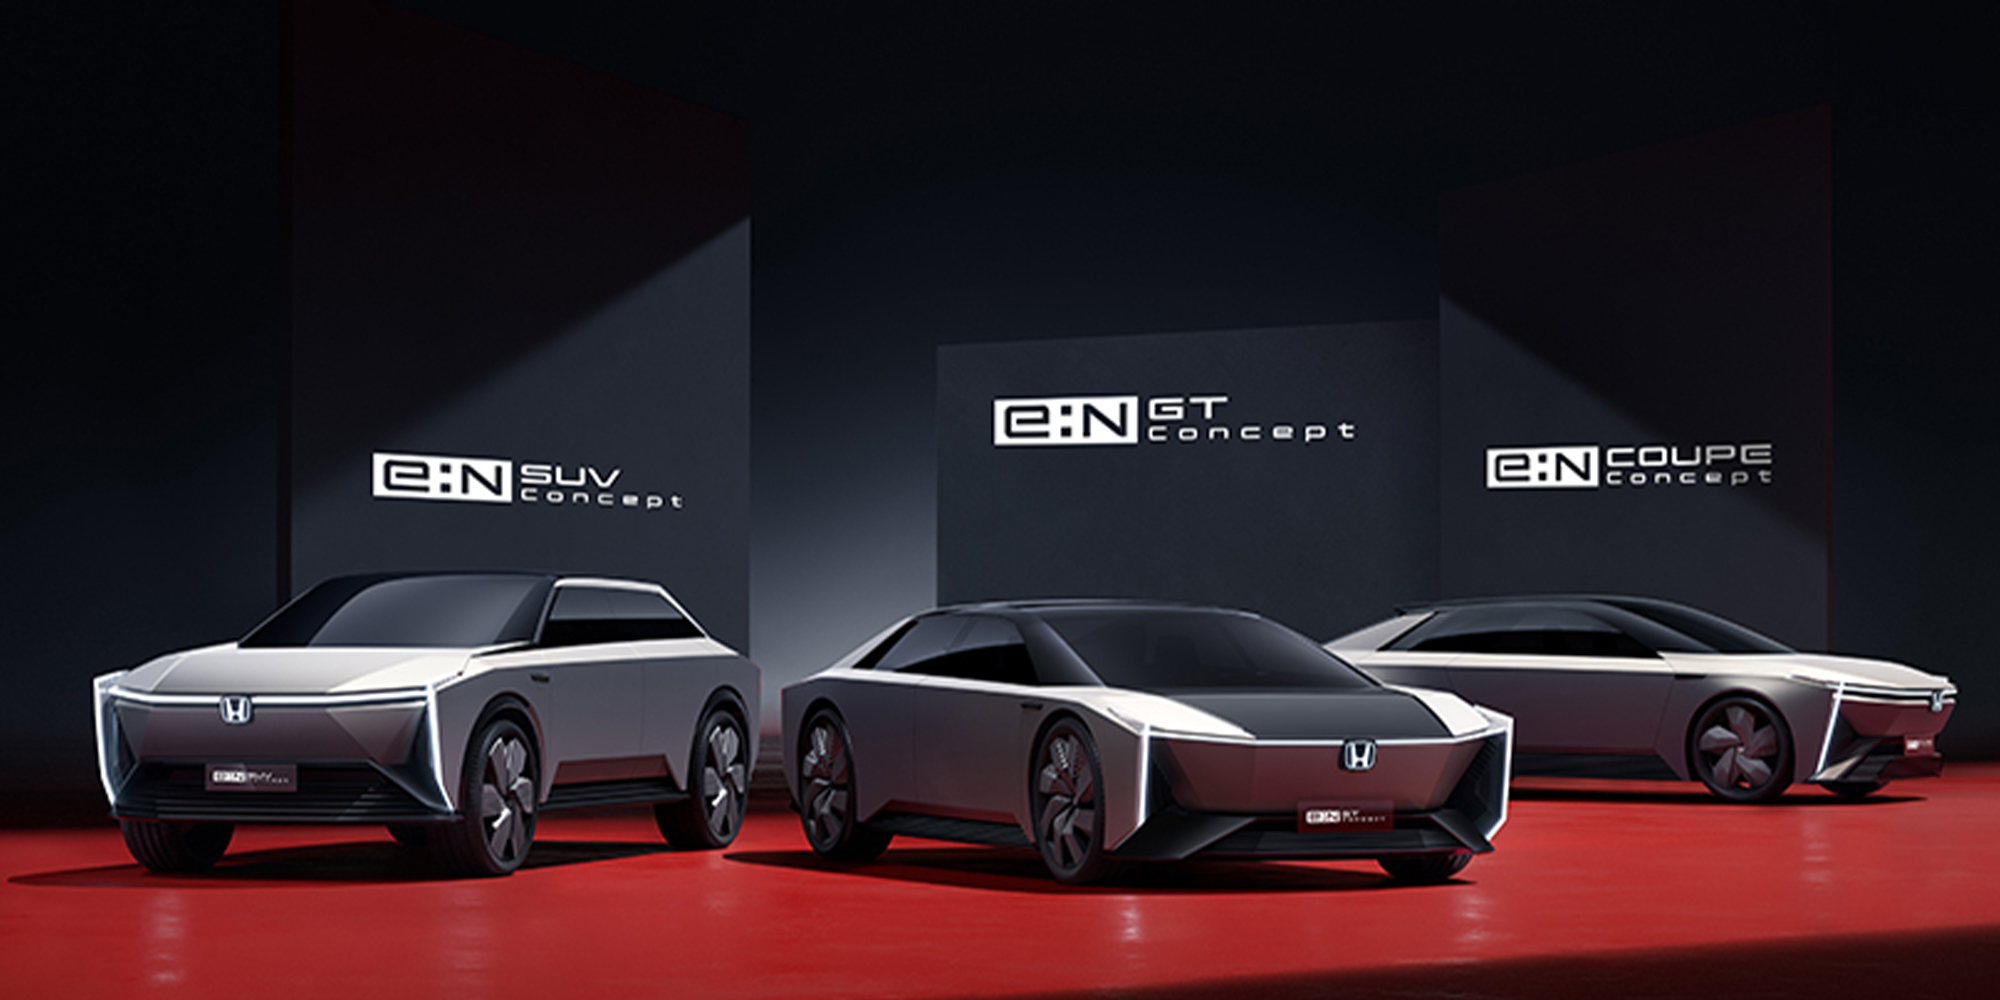 Honda eN Concepts